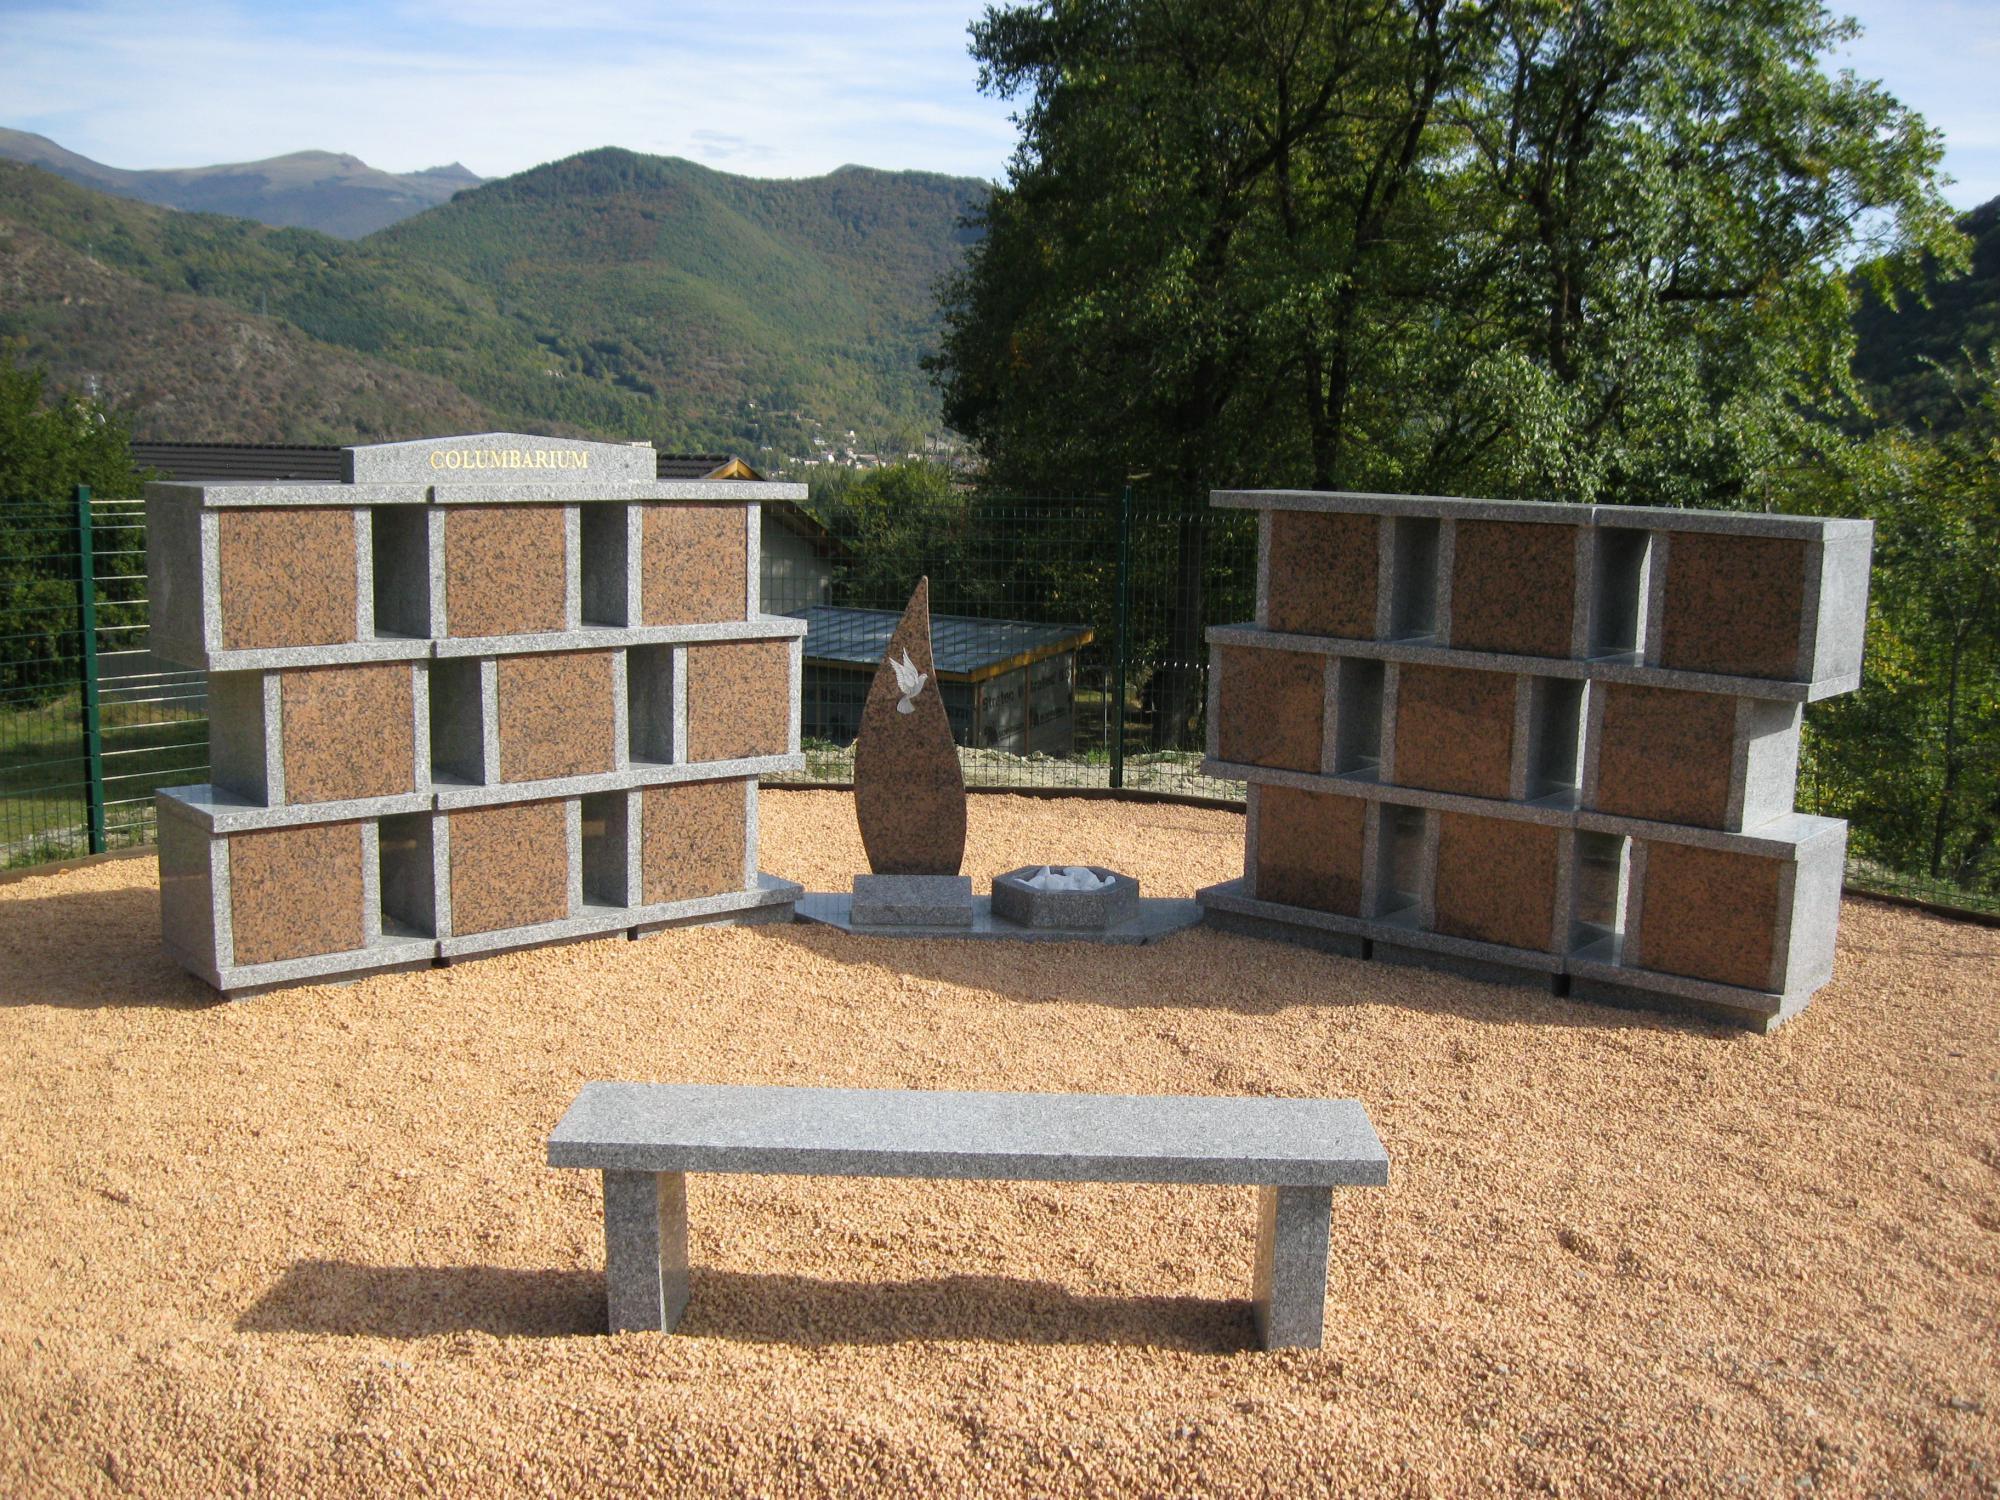 Columbariums en forme de Colonnes faciles de mise en place